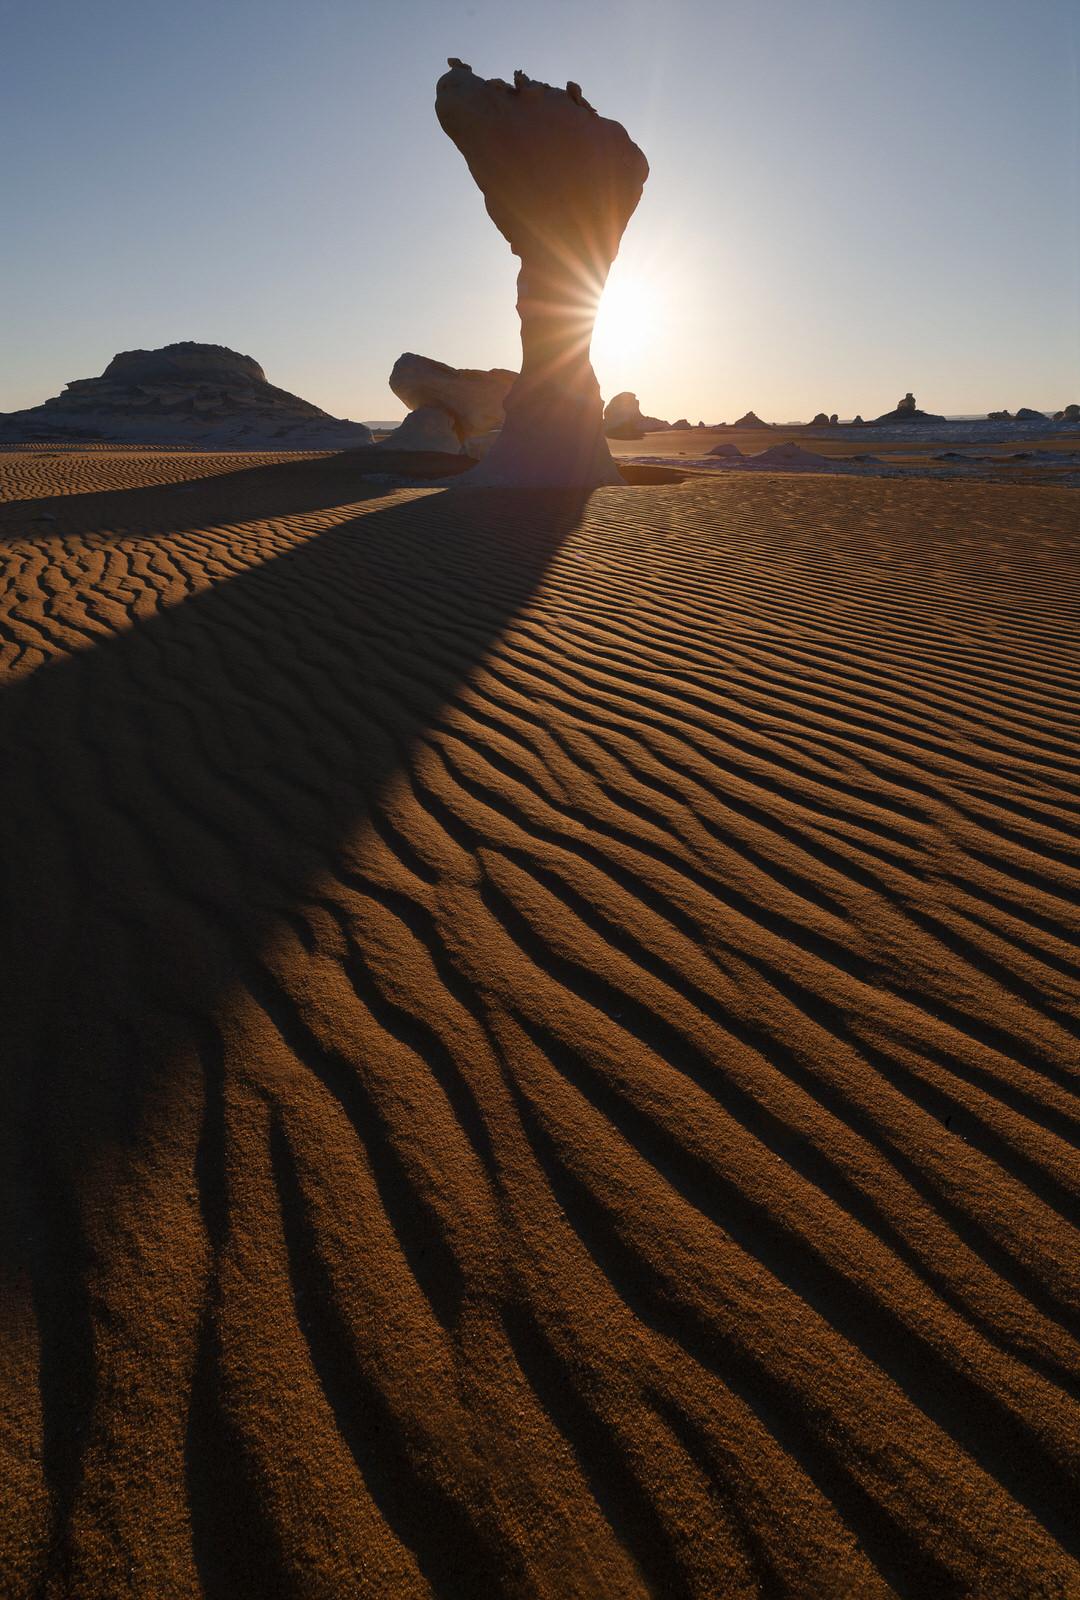 sunset at the white desert, Farafra